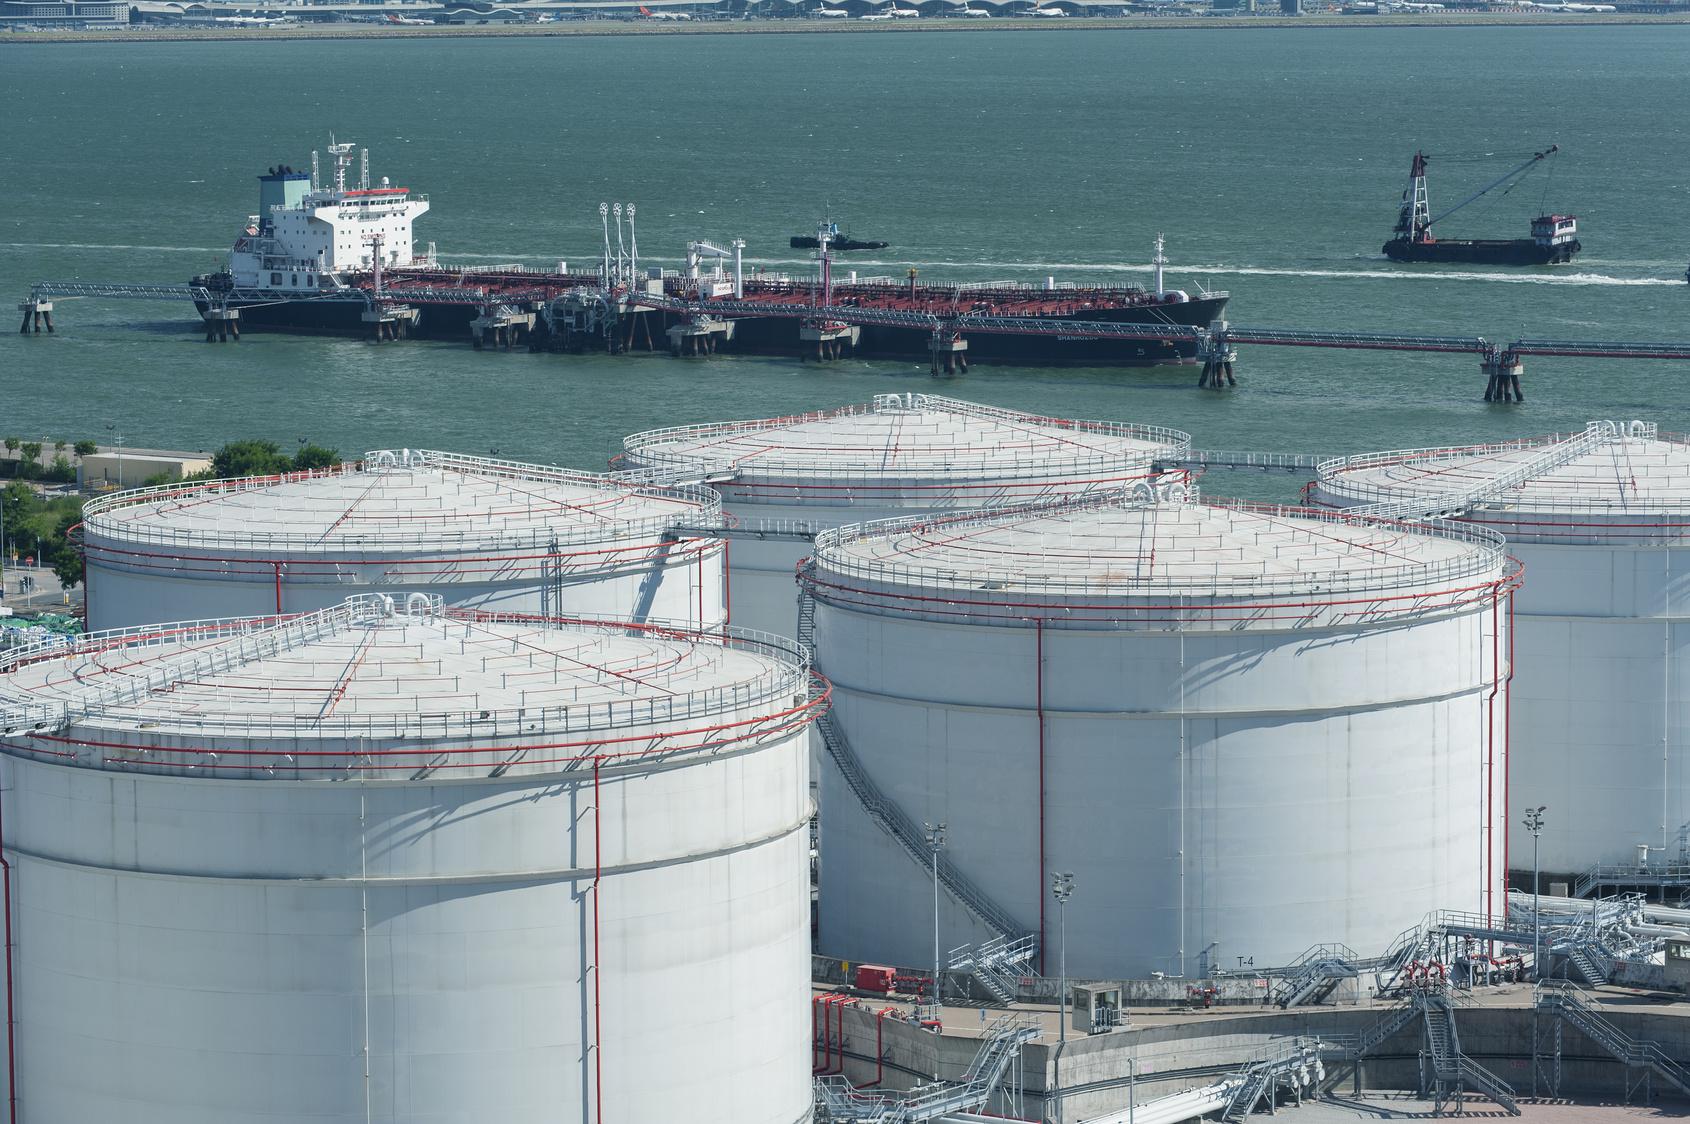 Curso Técnico em Petróleo e Gás | Central Pronatec